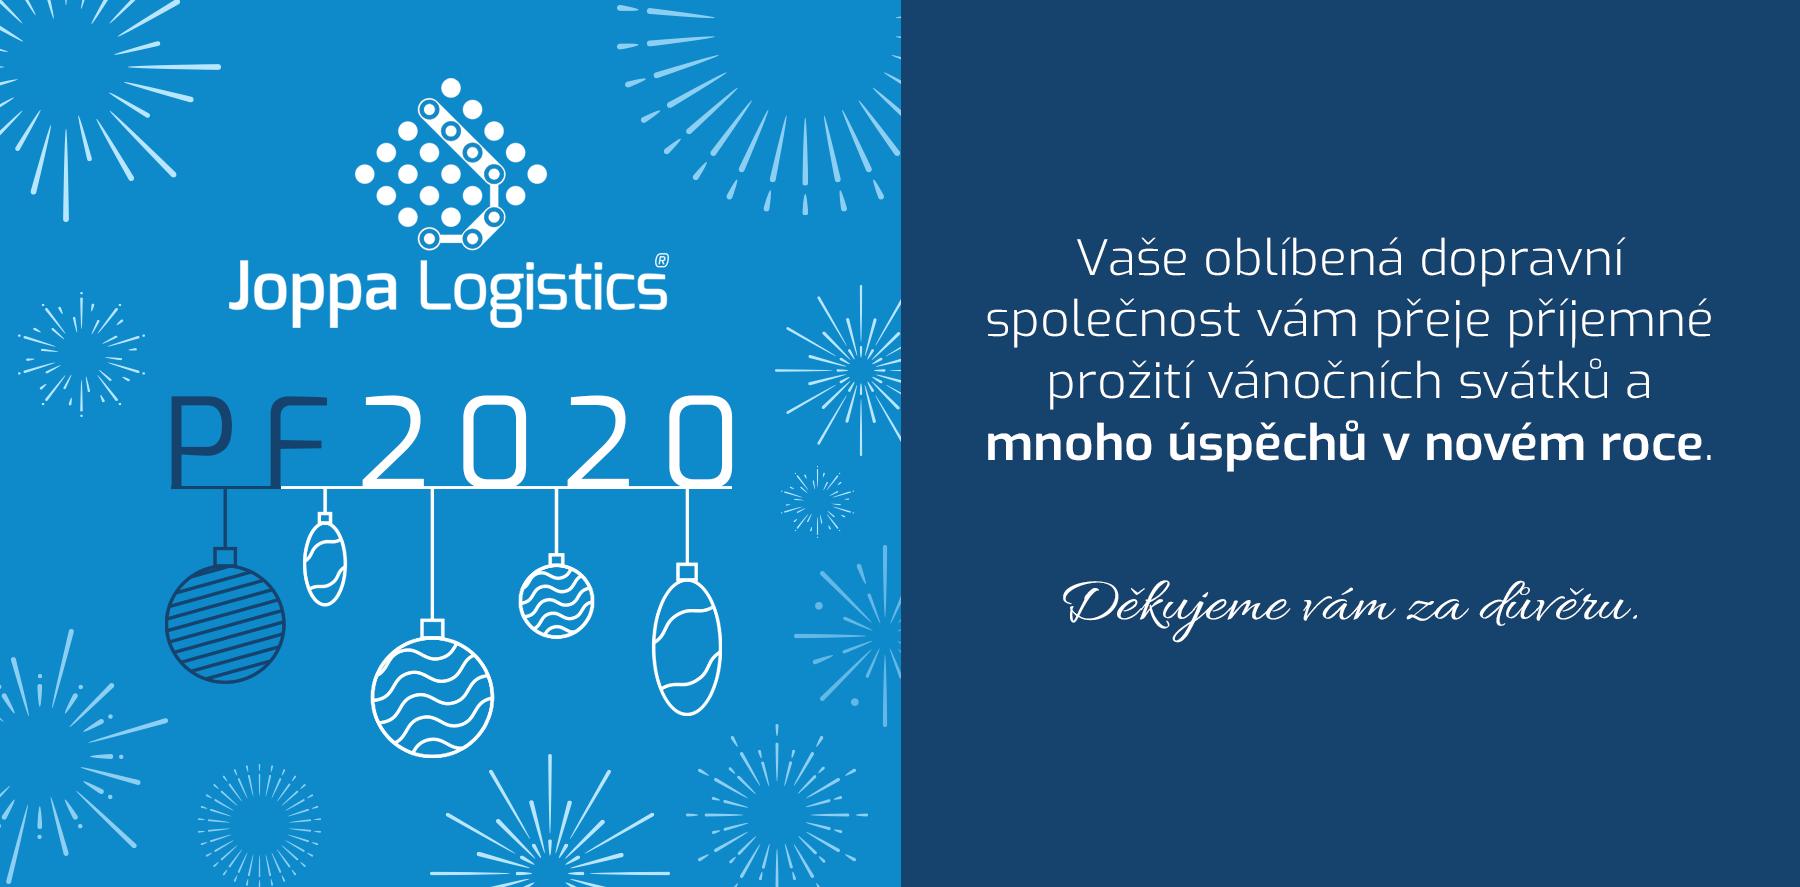 Joppa Logistics s.r.o. PF 2020